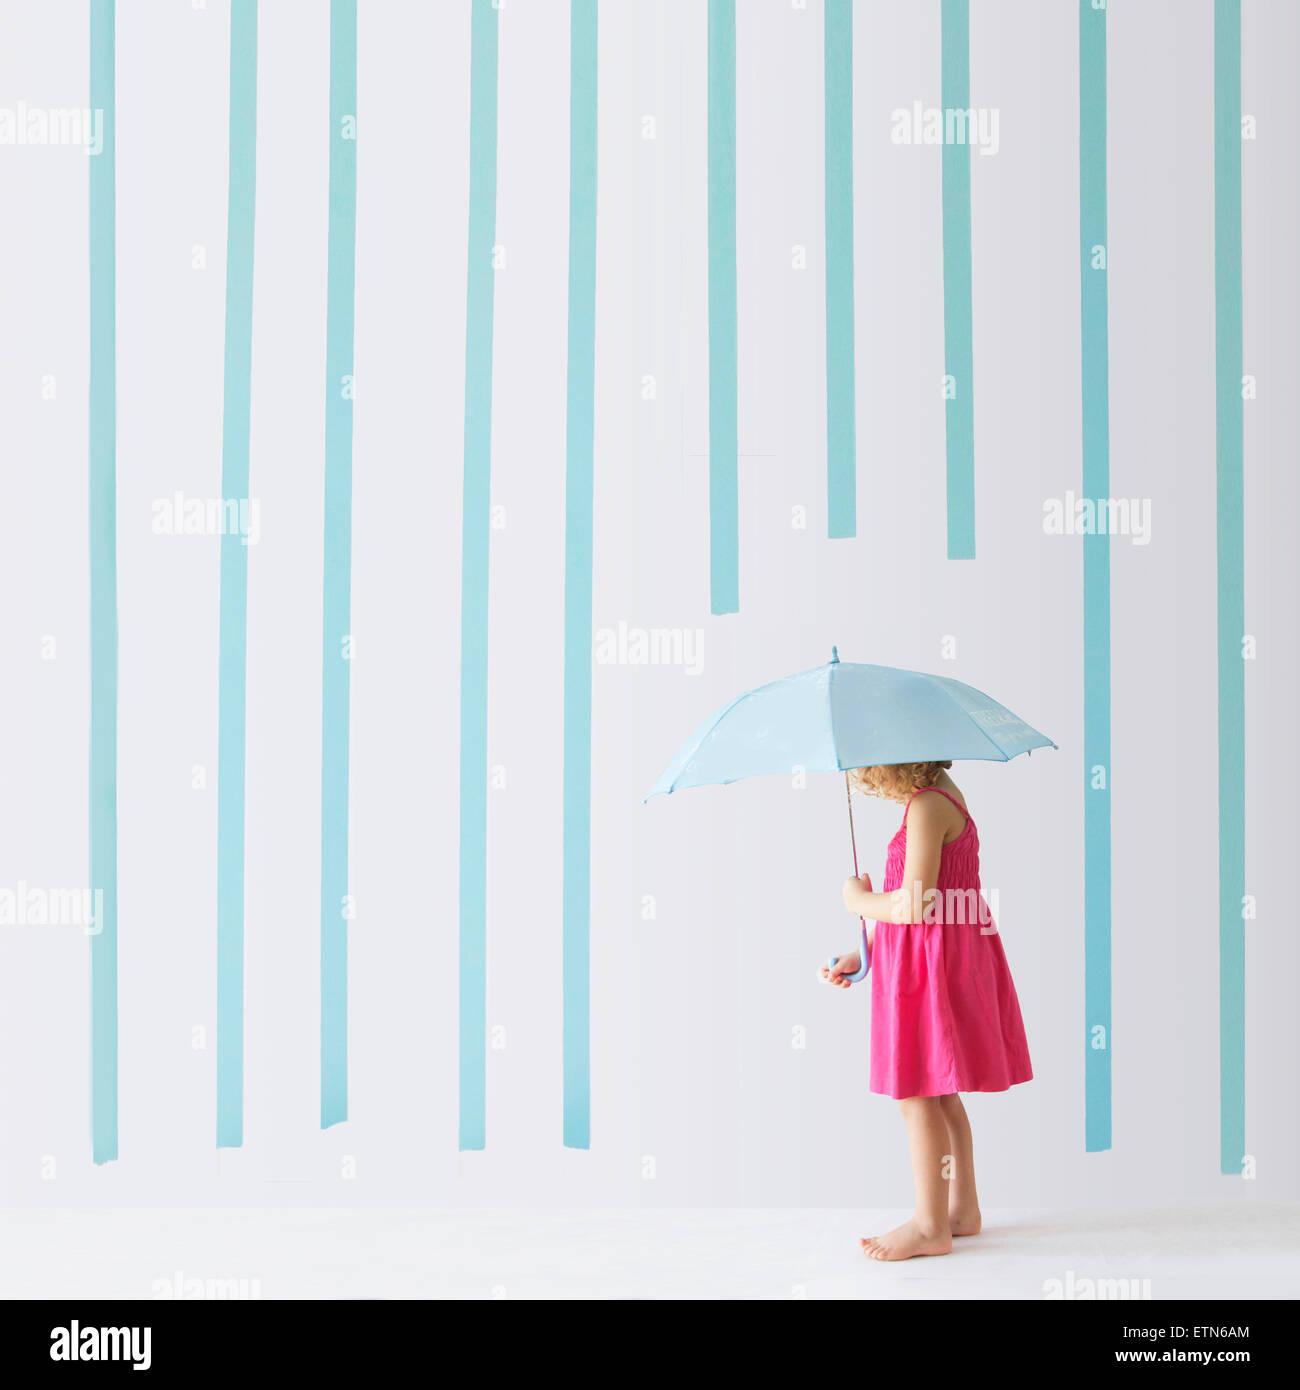 Fille avec un parapluie debout sous la pluie fait des rayures Photo Stock